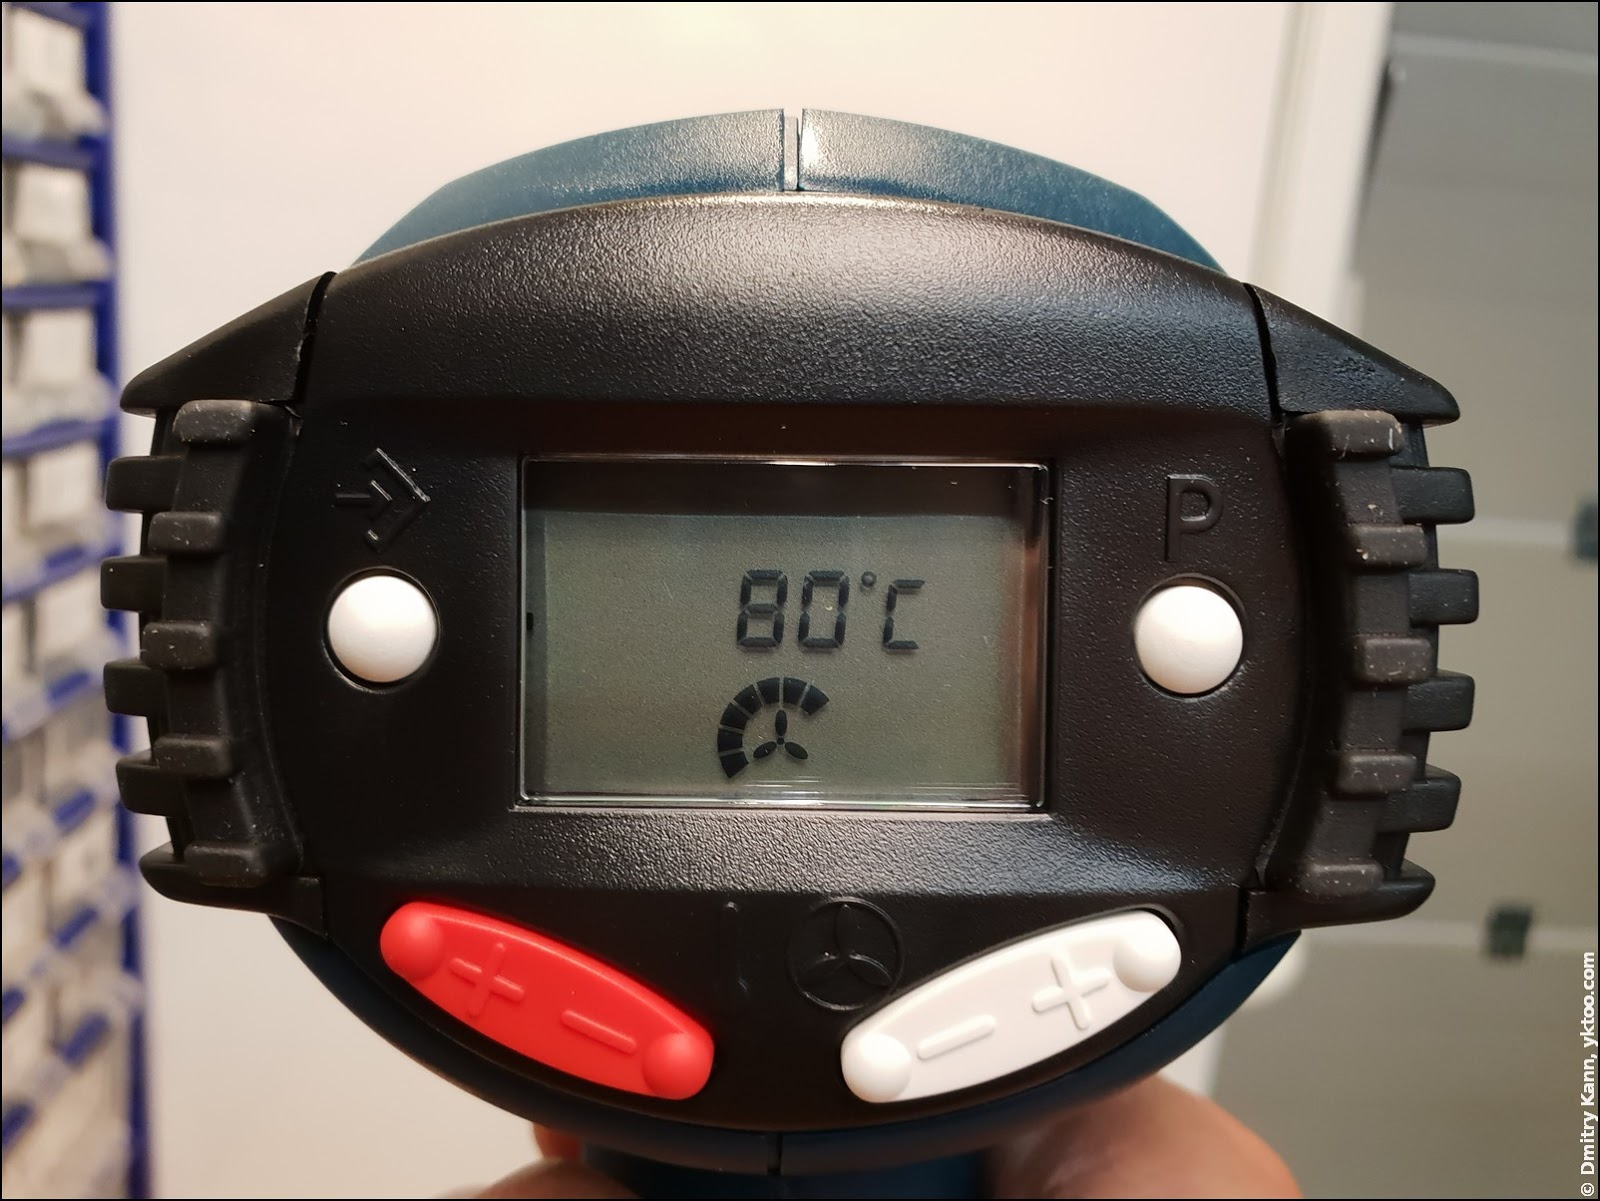 Установка температуры в Bosch GHG 660 LCD.